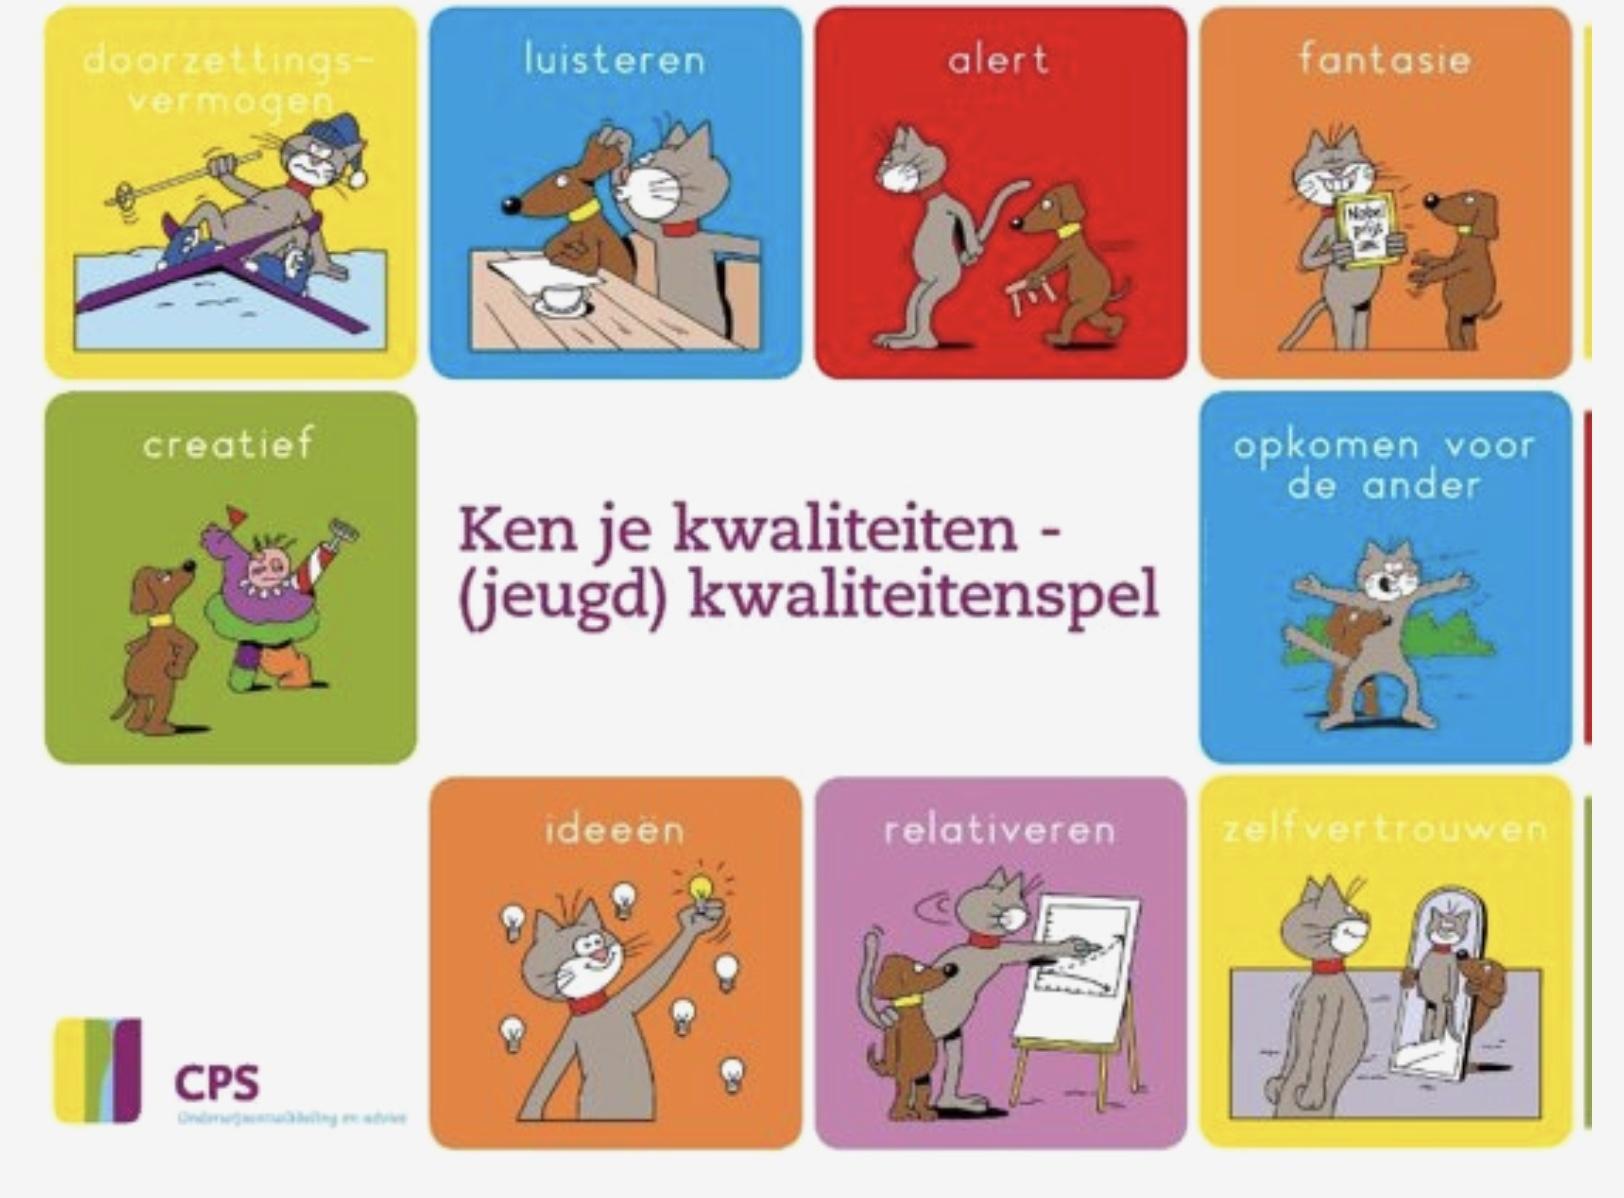 Super Ken je kwaliteiten - Kinderkwaliteitenspel - LeestotaalShop BP-02